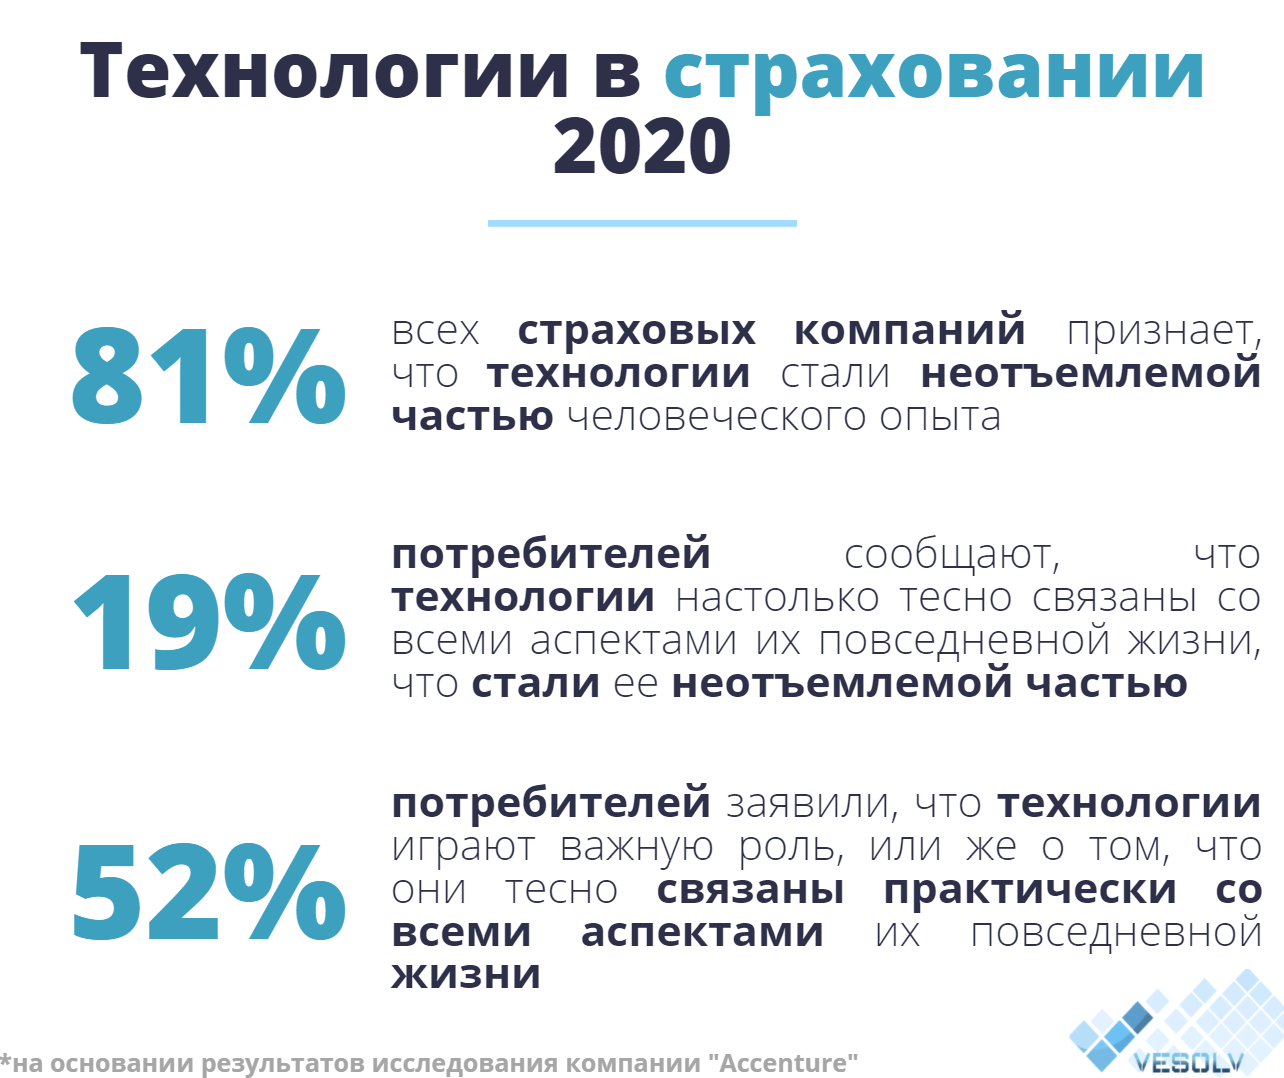 Технологии страхования 2020